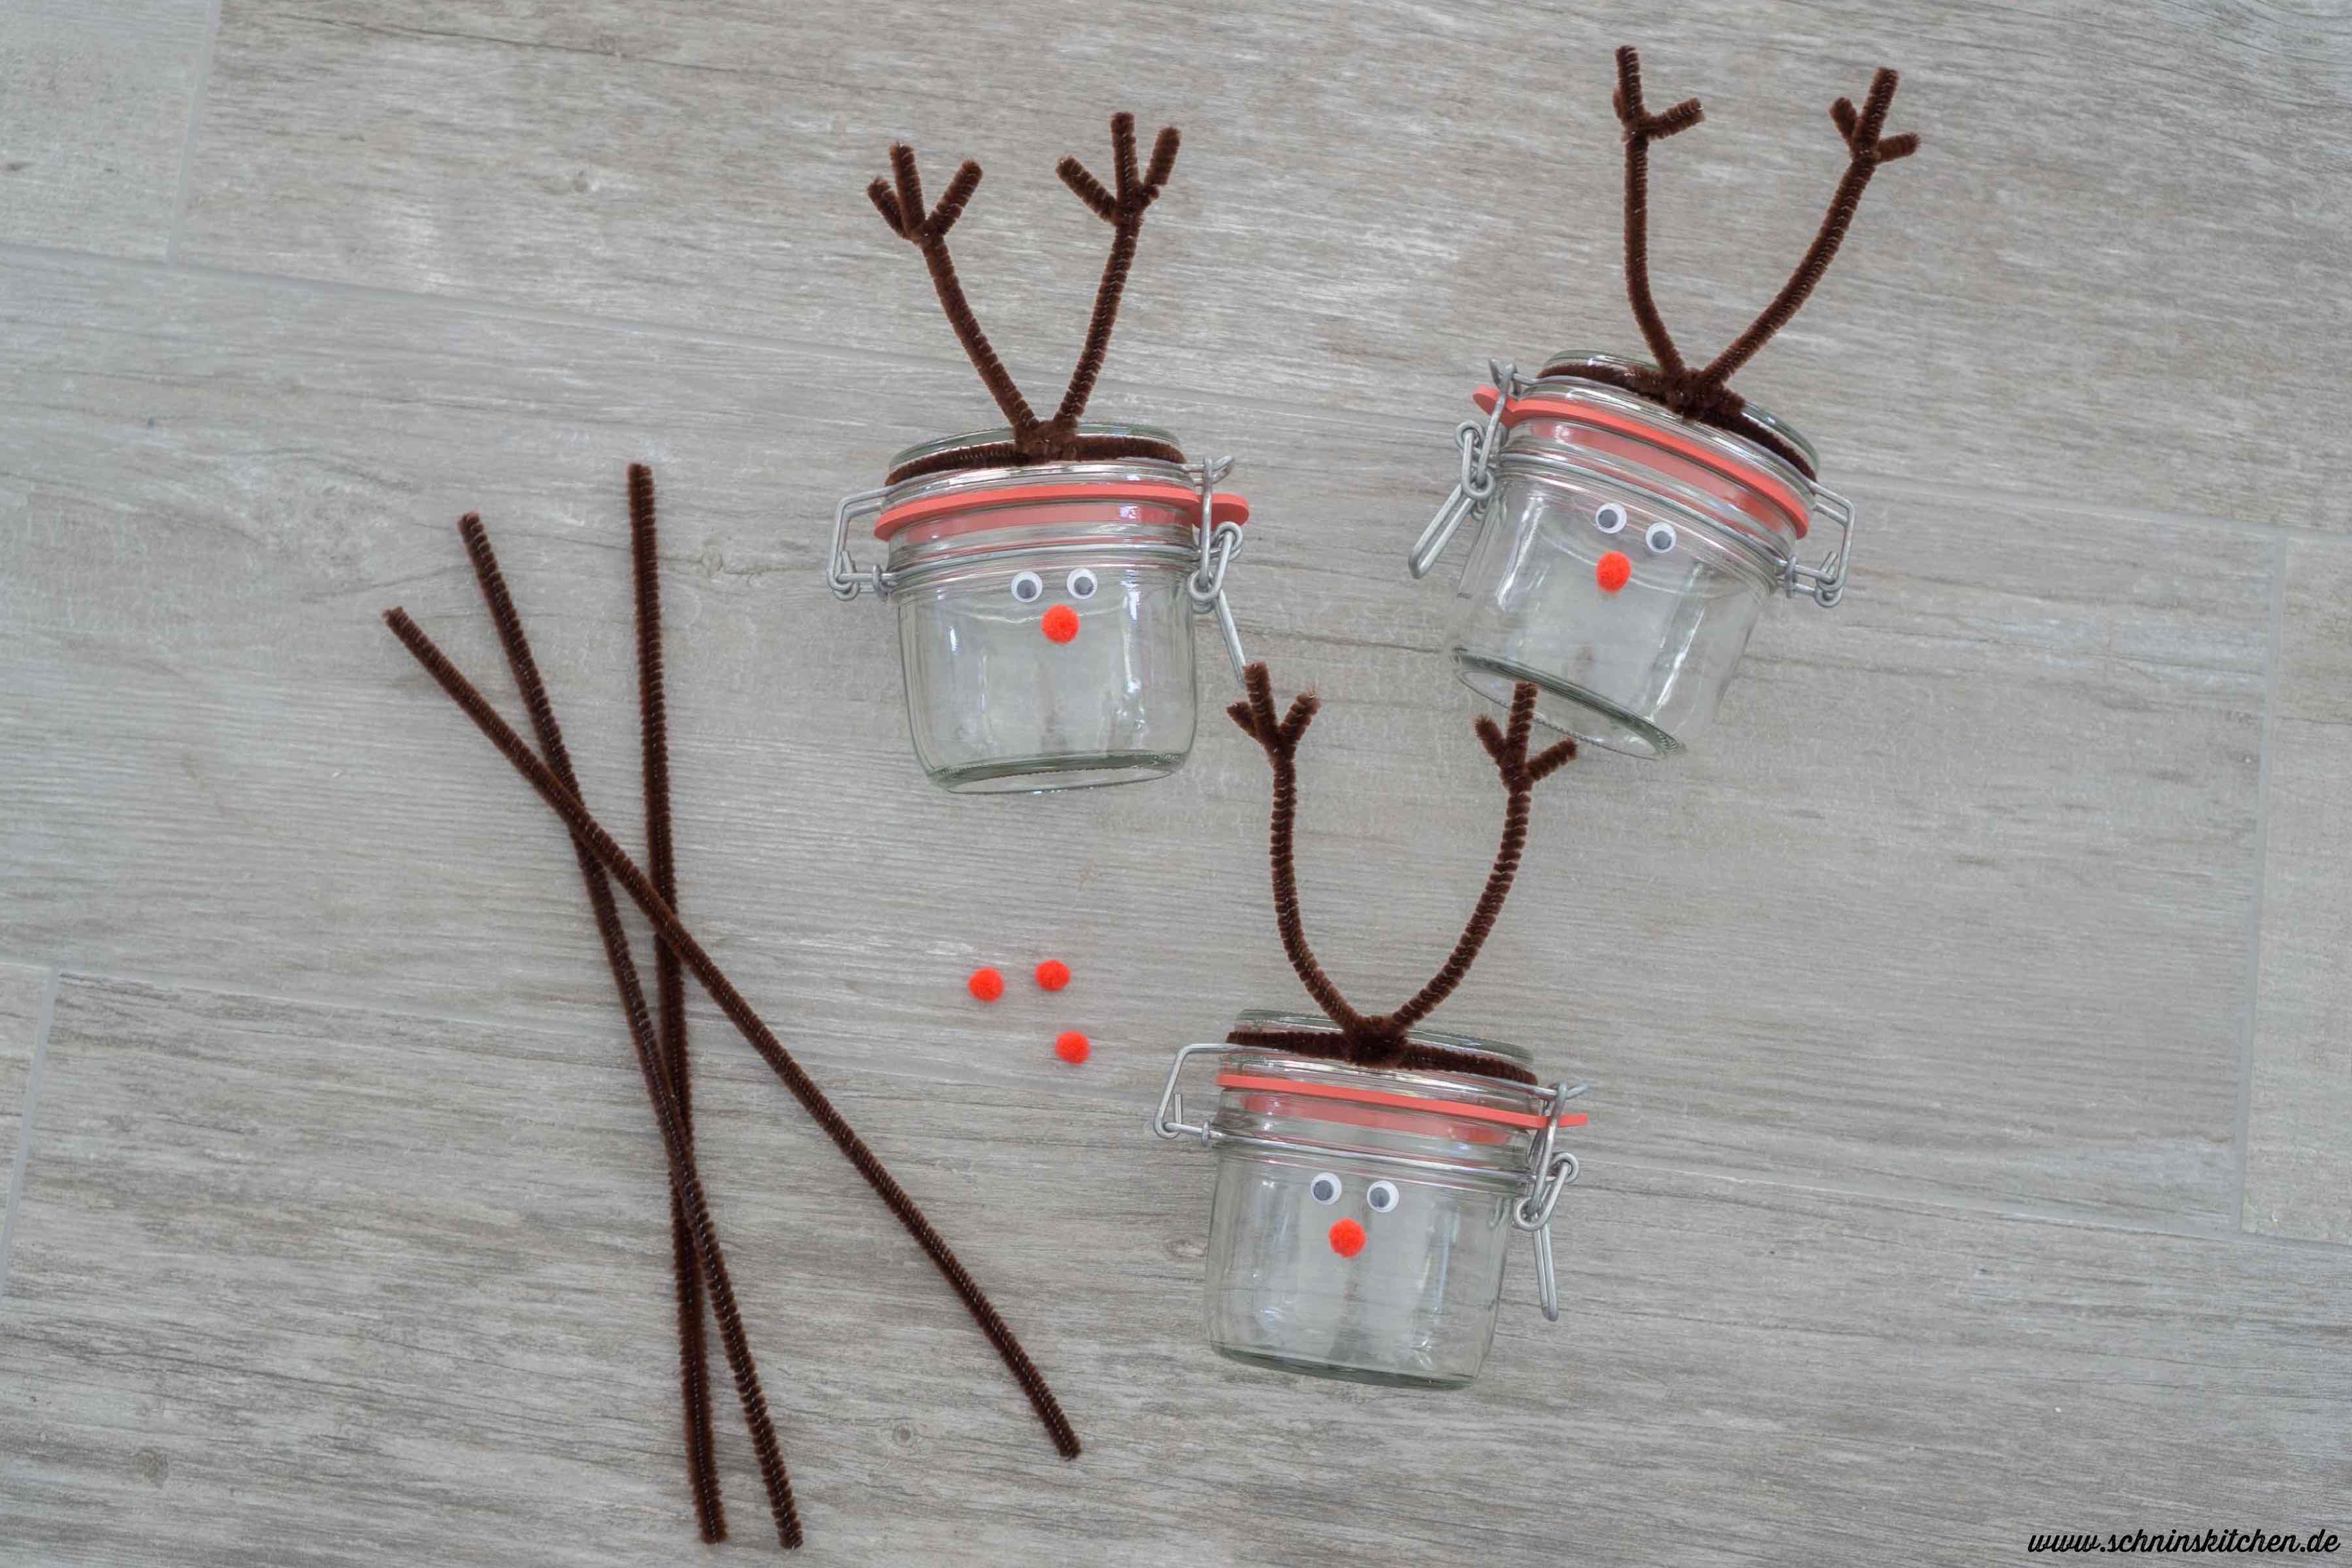 DIY Rentierglas basteln zu Weihnachten. Eine schöne Bastelidee zum Geschenke verpacken für Geschenke aus der Küche oder als Geldgeschenk | www.schninskitchen.de